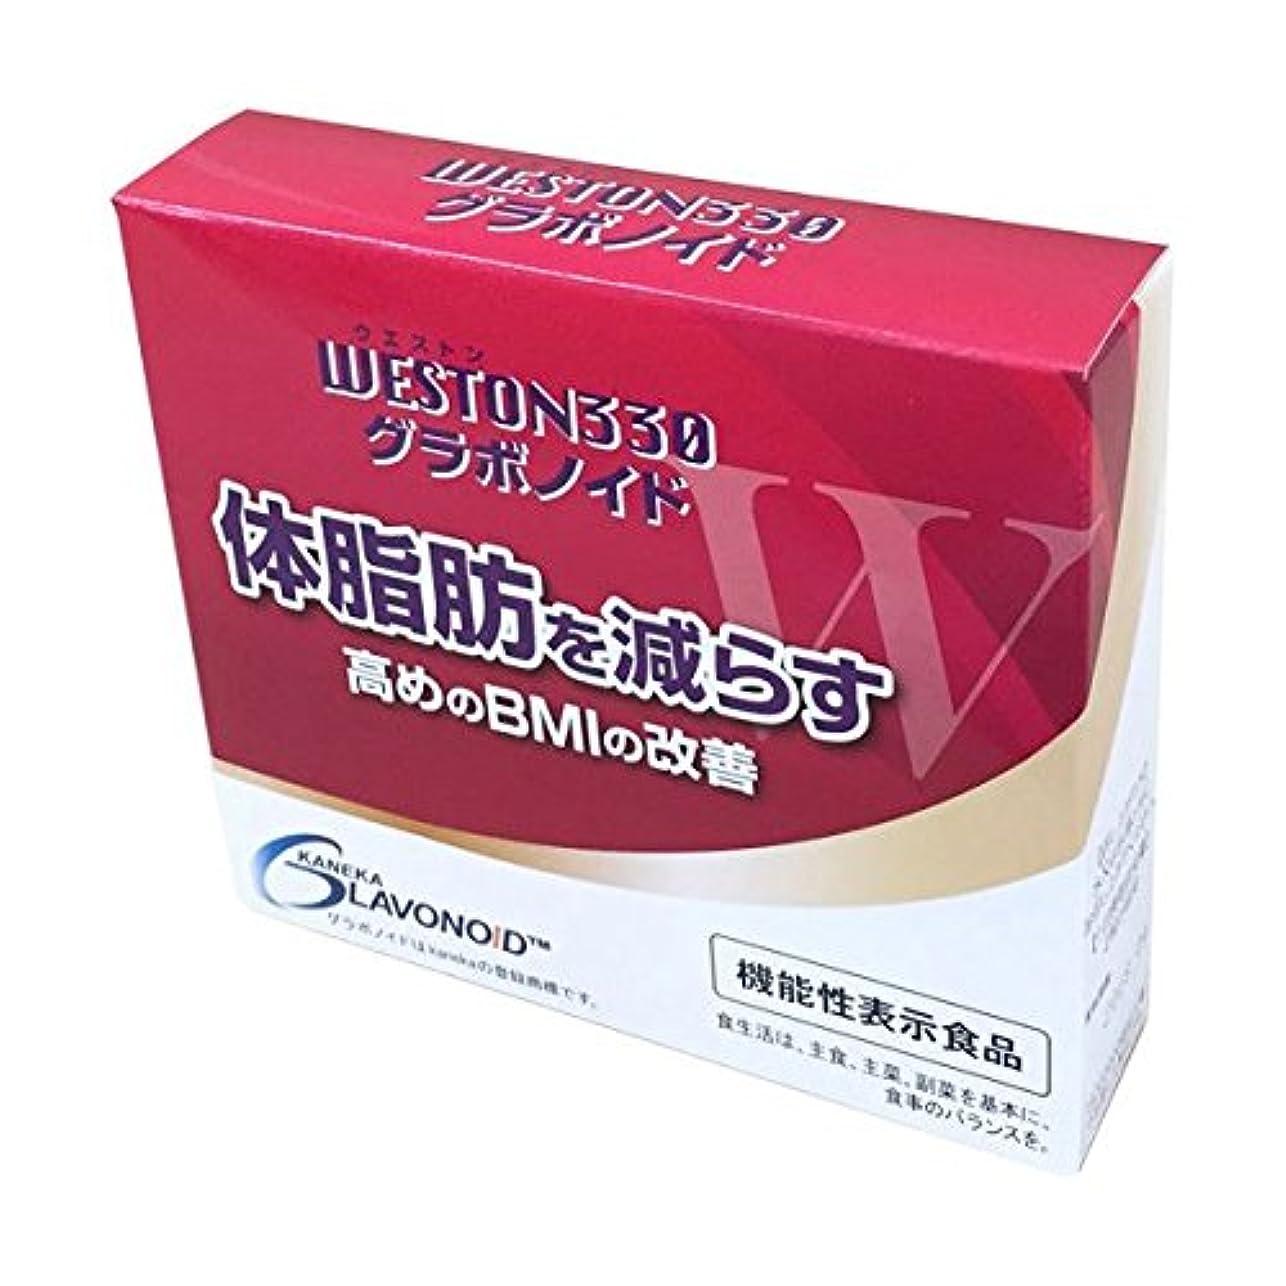 レイアウト羊の飲み込むリマックスジャパン WESTON330 60粒 (30日分) x2箱 [機能性表示食品]